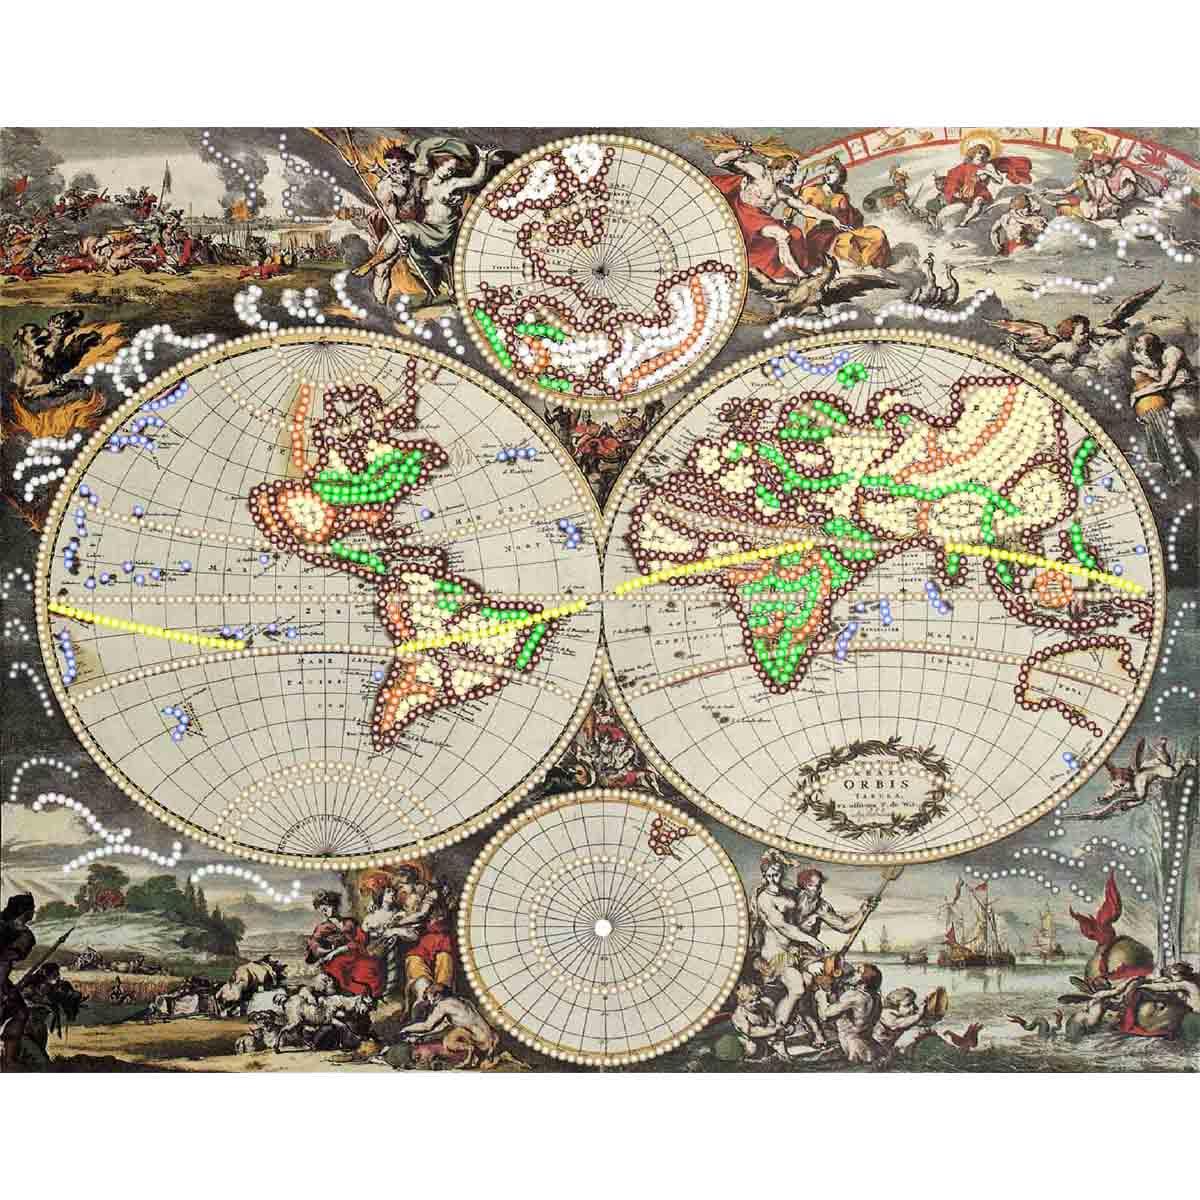 4222 Рисунок на шелке Матренин посад 'Пиратский план' 26*33см (37*49см)